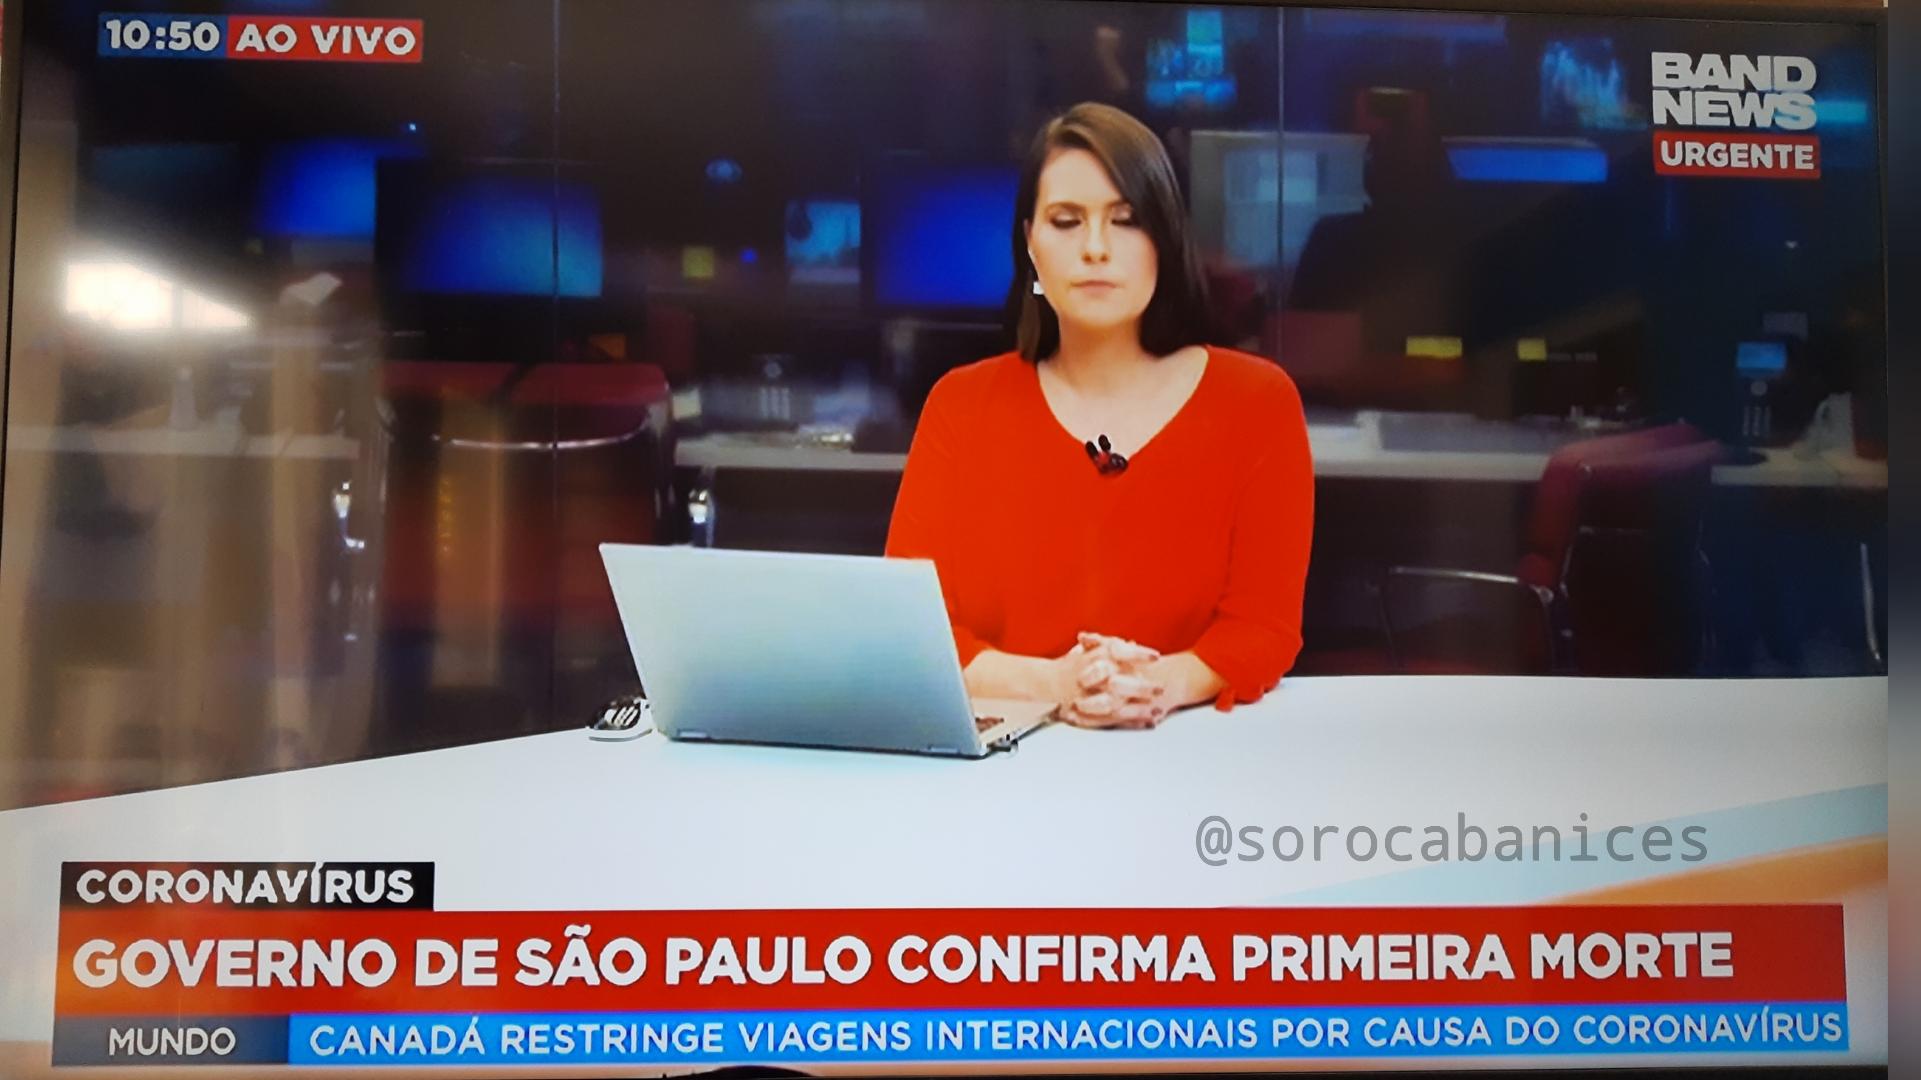 URGENTE: Governo de SP anuncia 1ª morte por Coronavírus no Brasil